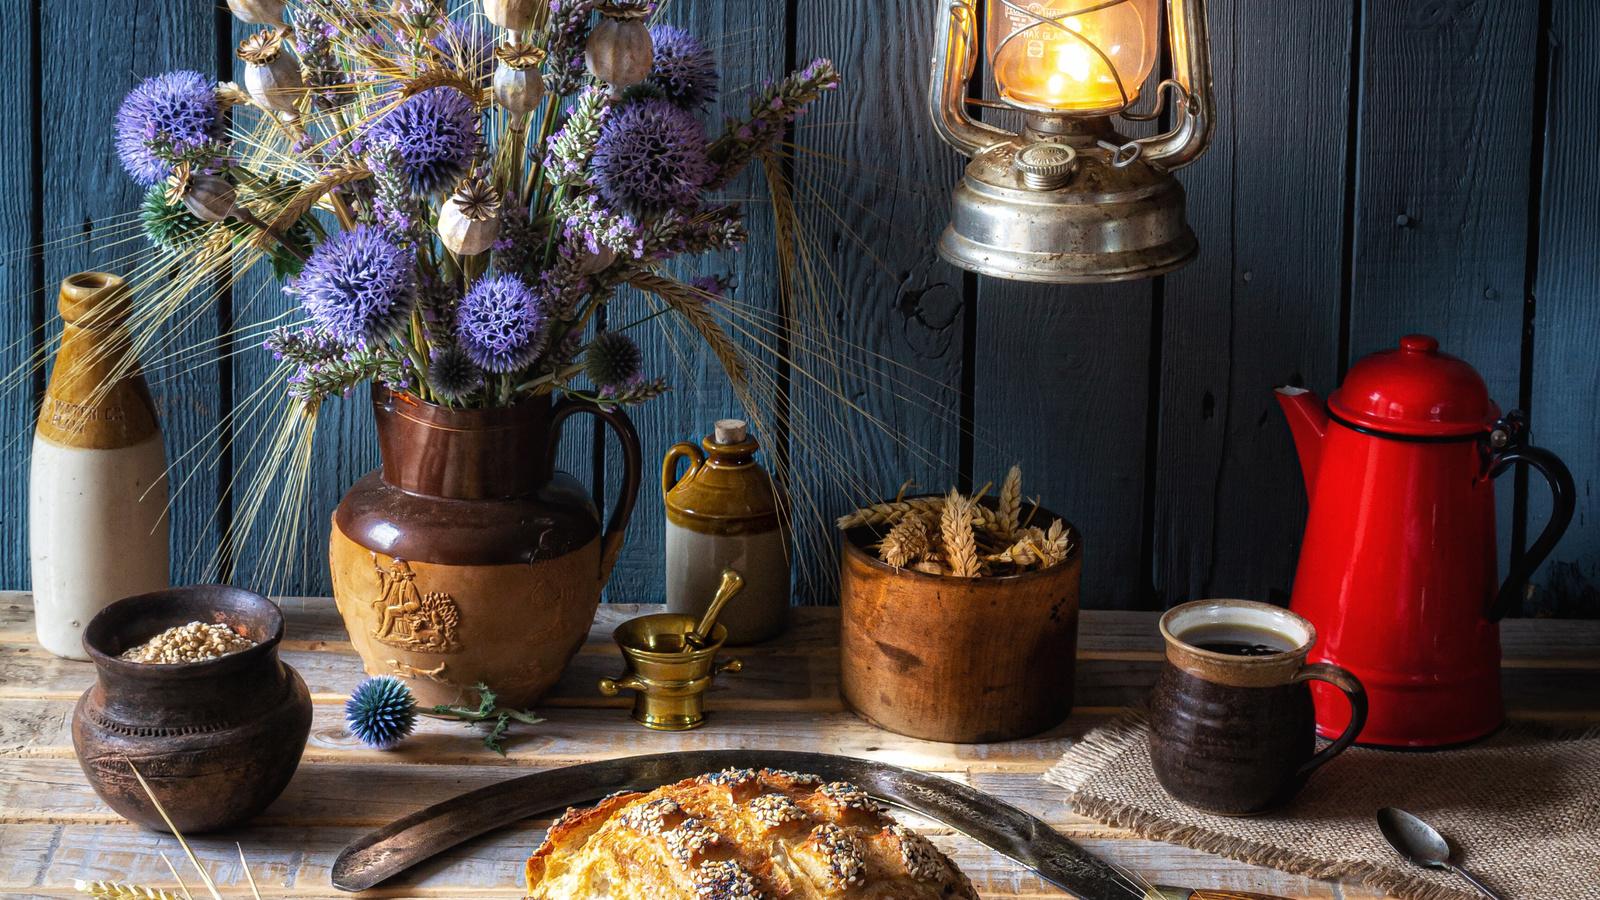 натюрморт, керосиновая лампа, букеты, хлеб, васильки, кофе, доски, стена, колос, кружка, разделочная доска, еда